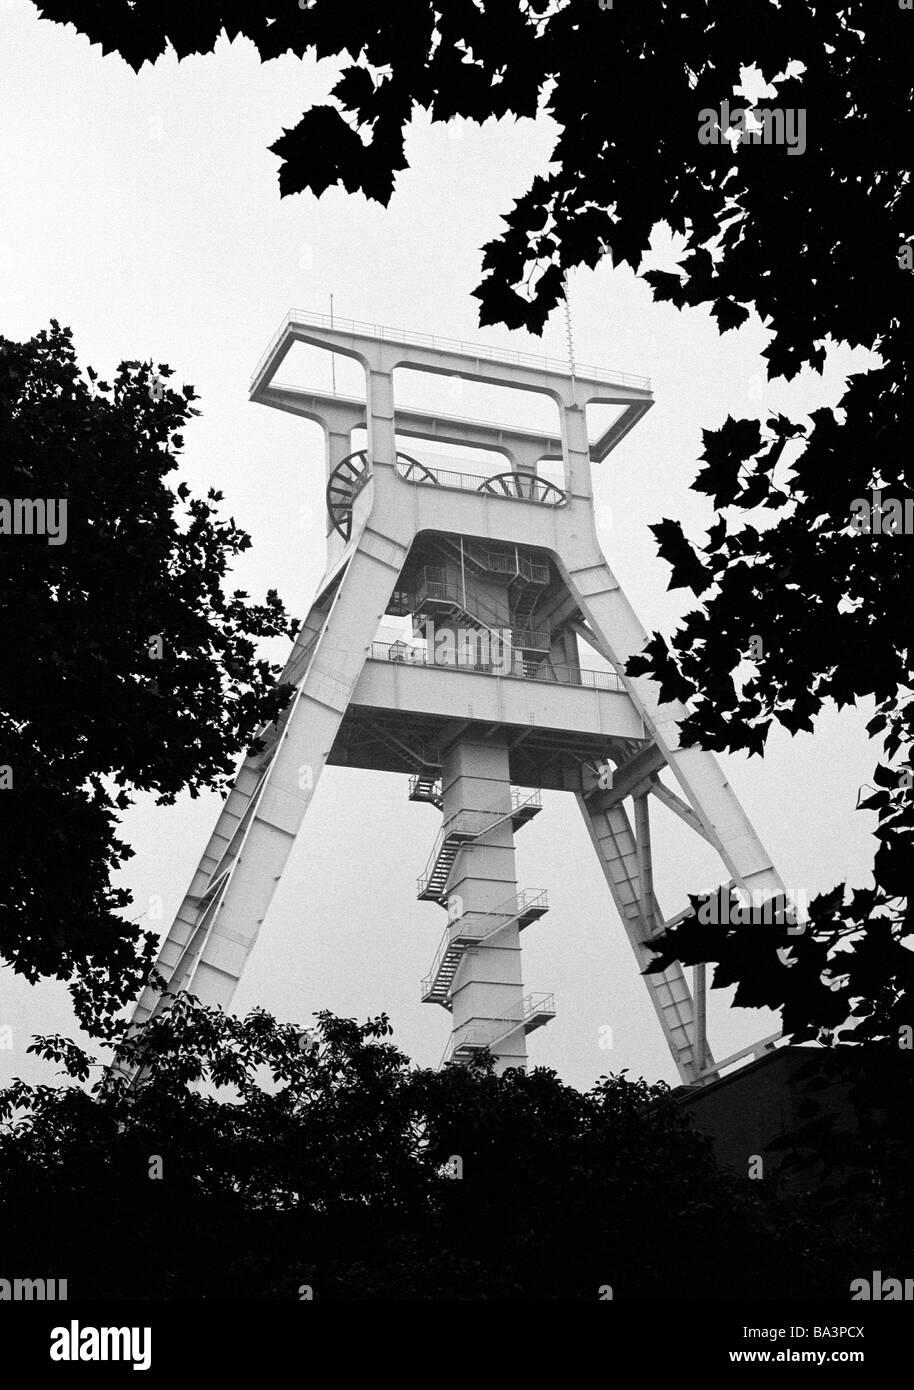 Siebziger Jahre, Wirtschaft, Steinkohlenbergbau, Bergbau-Museum, Foerderturm der ehemaligen Zeche Germania in Dortmund - Stock Image